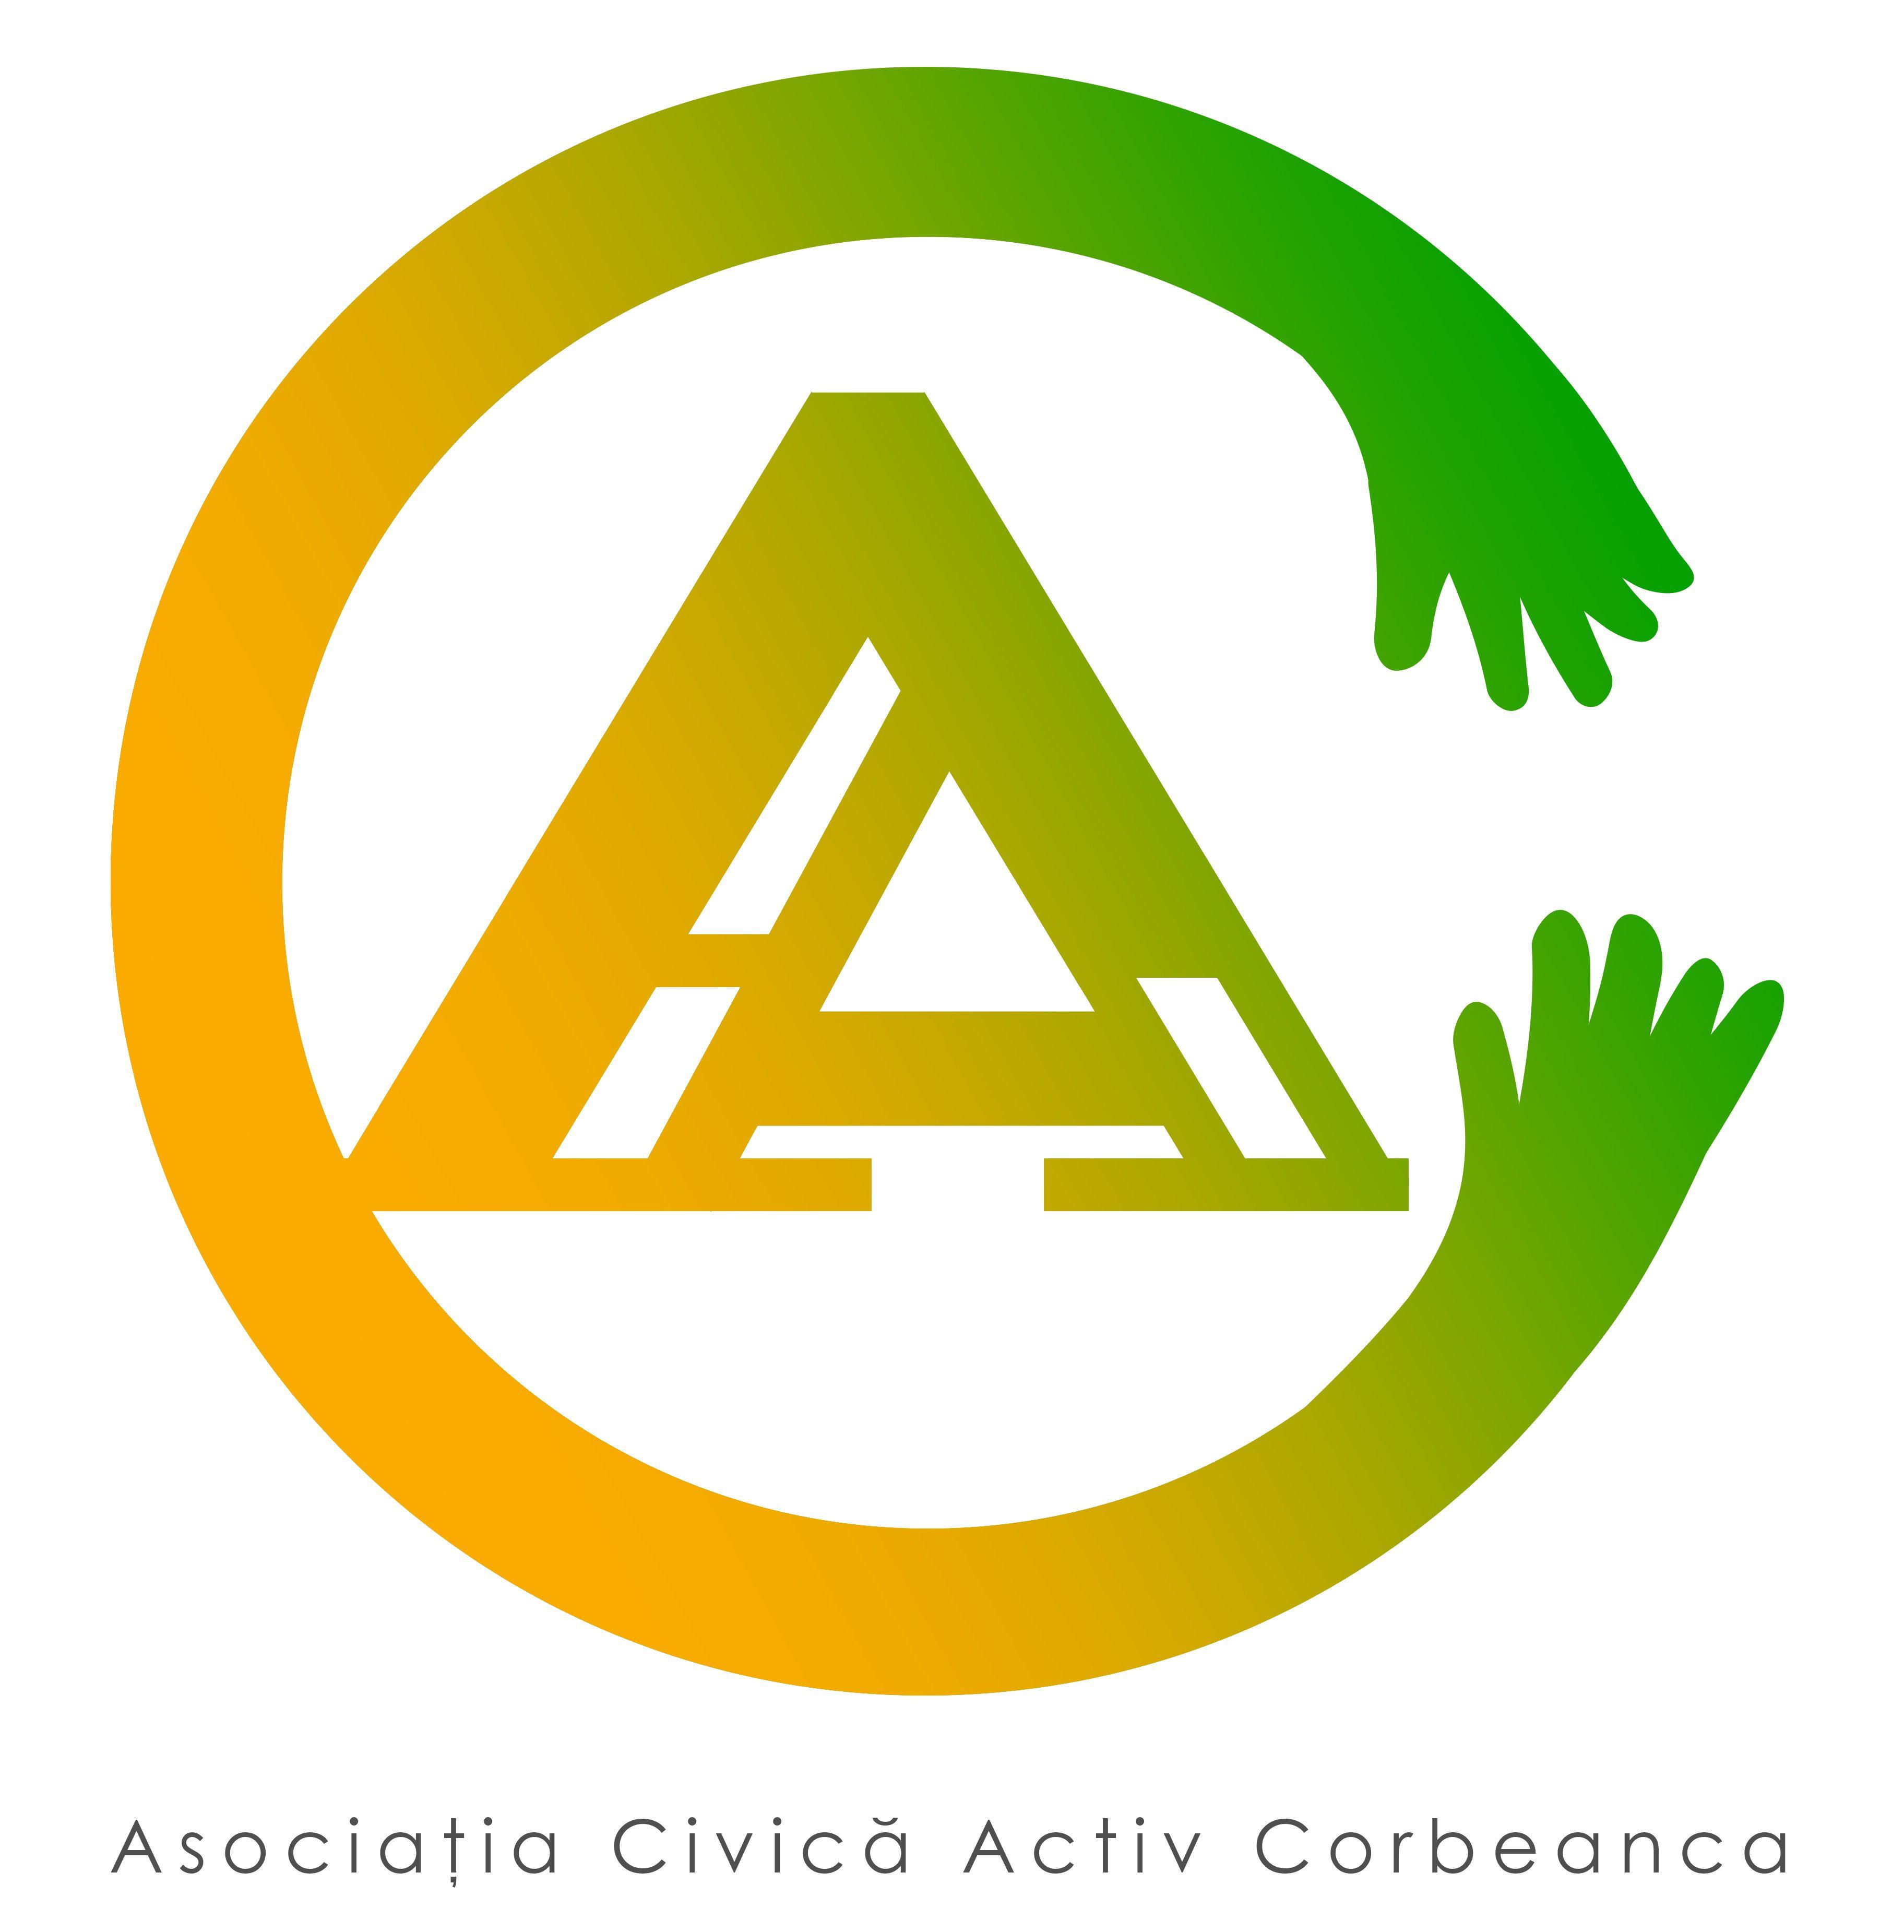 Activ Corbeanca